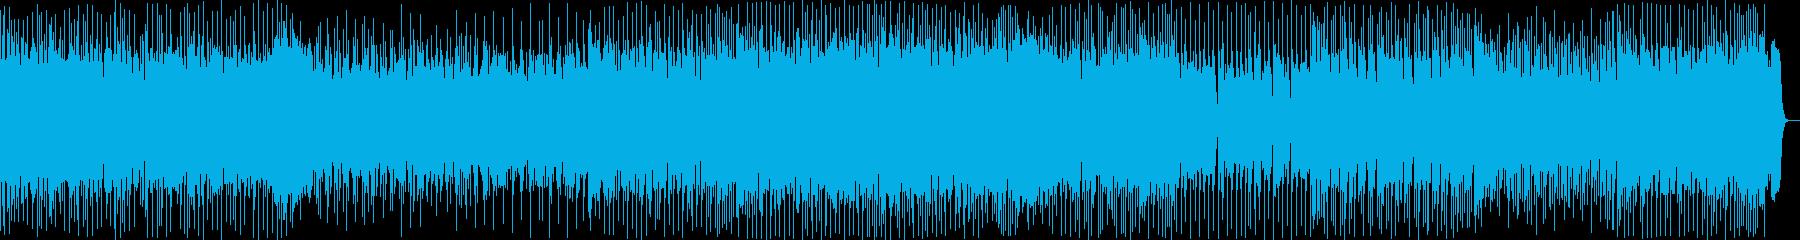 元気いっぱいワクワクするテクノの再生済みの波形